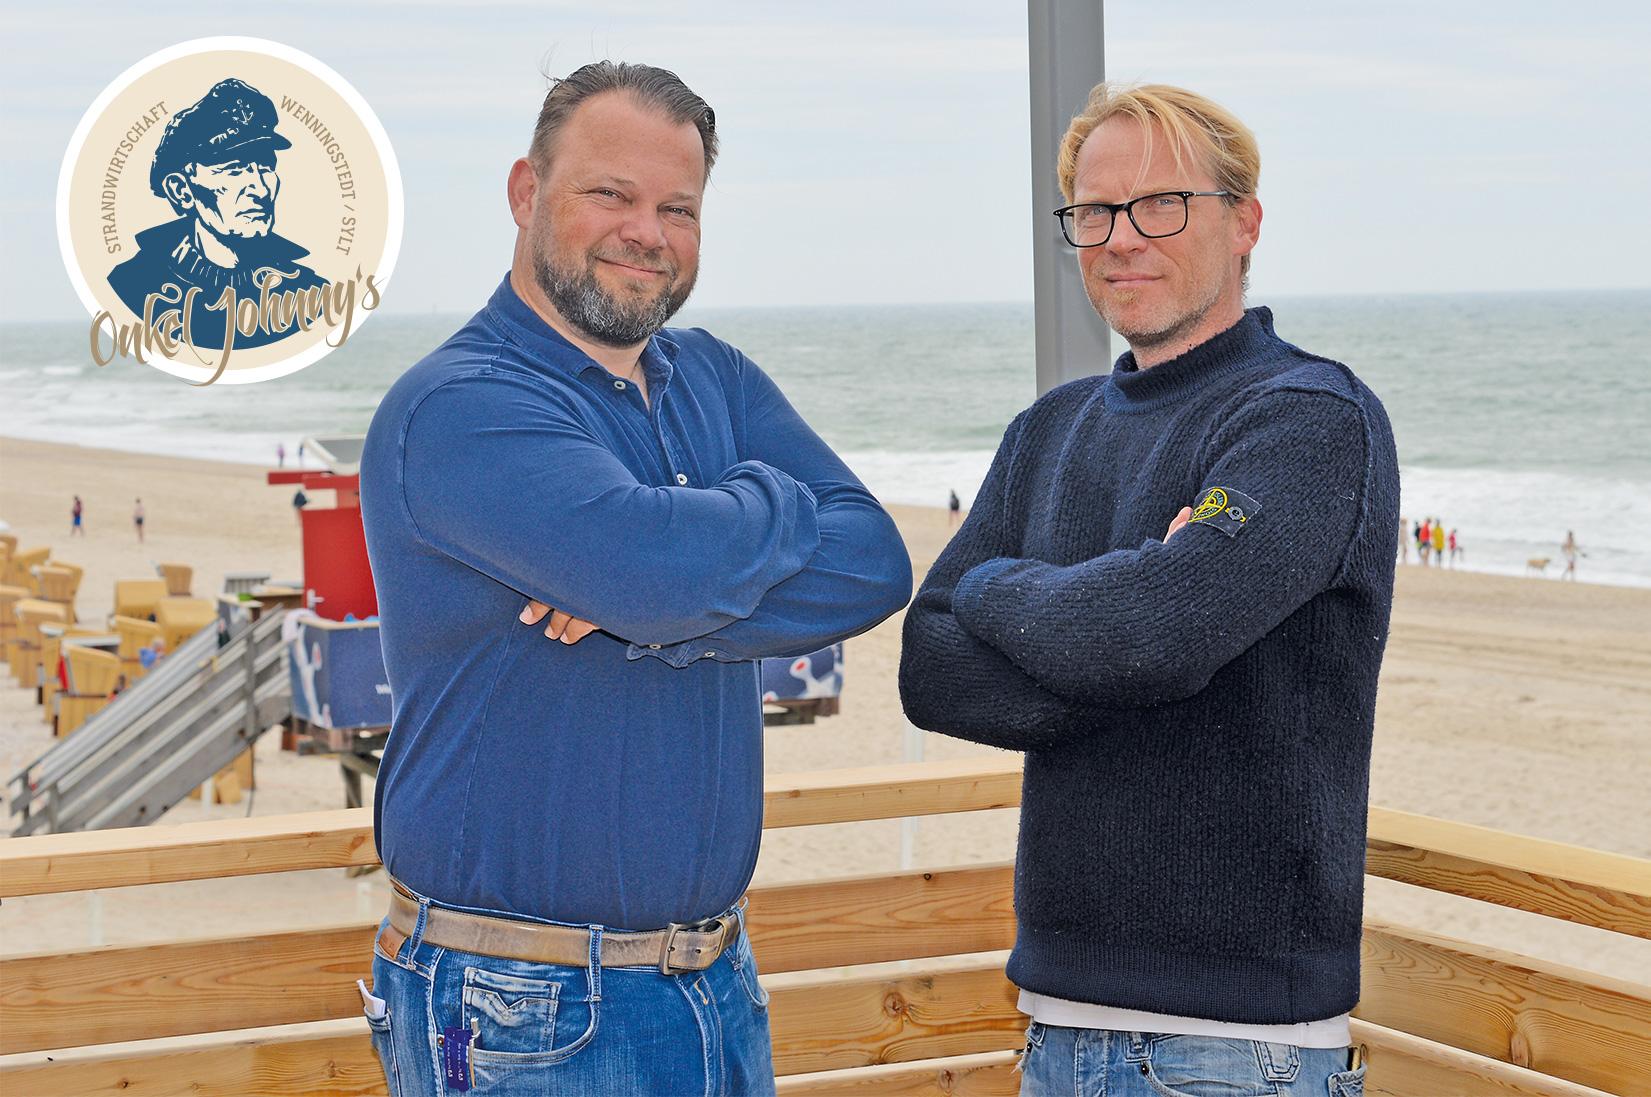 Neue Strandwirtschaft mit besonderem Namen